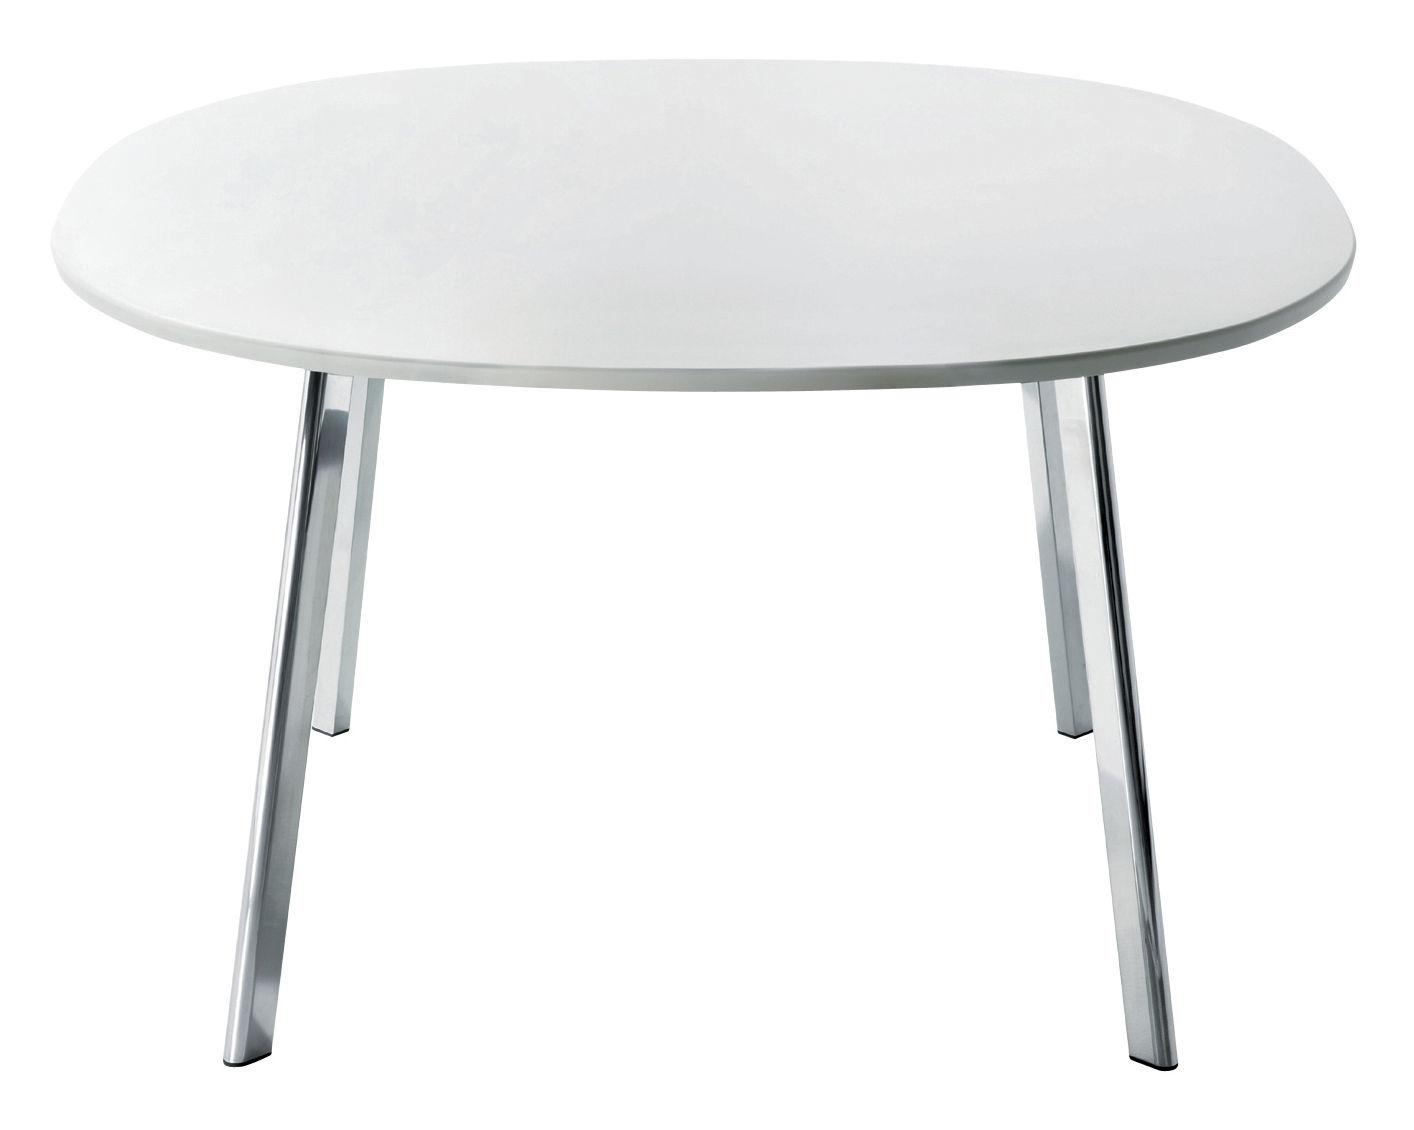 Arredamento - Tavoli - Tavolo Déjà-vu - 98 cm di Magis - 98x98 - Piano bianco - Alluminio lucido, MDF verniciato